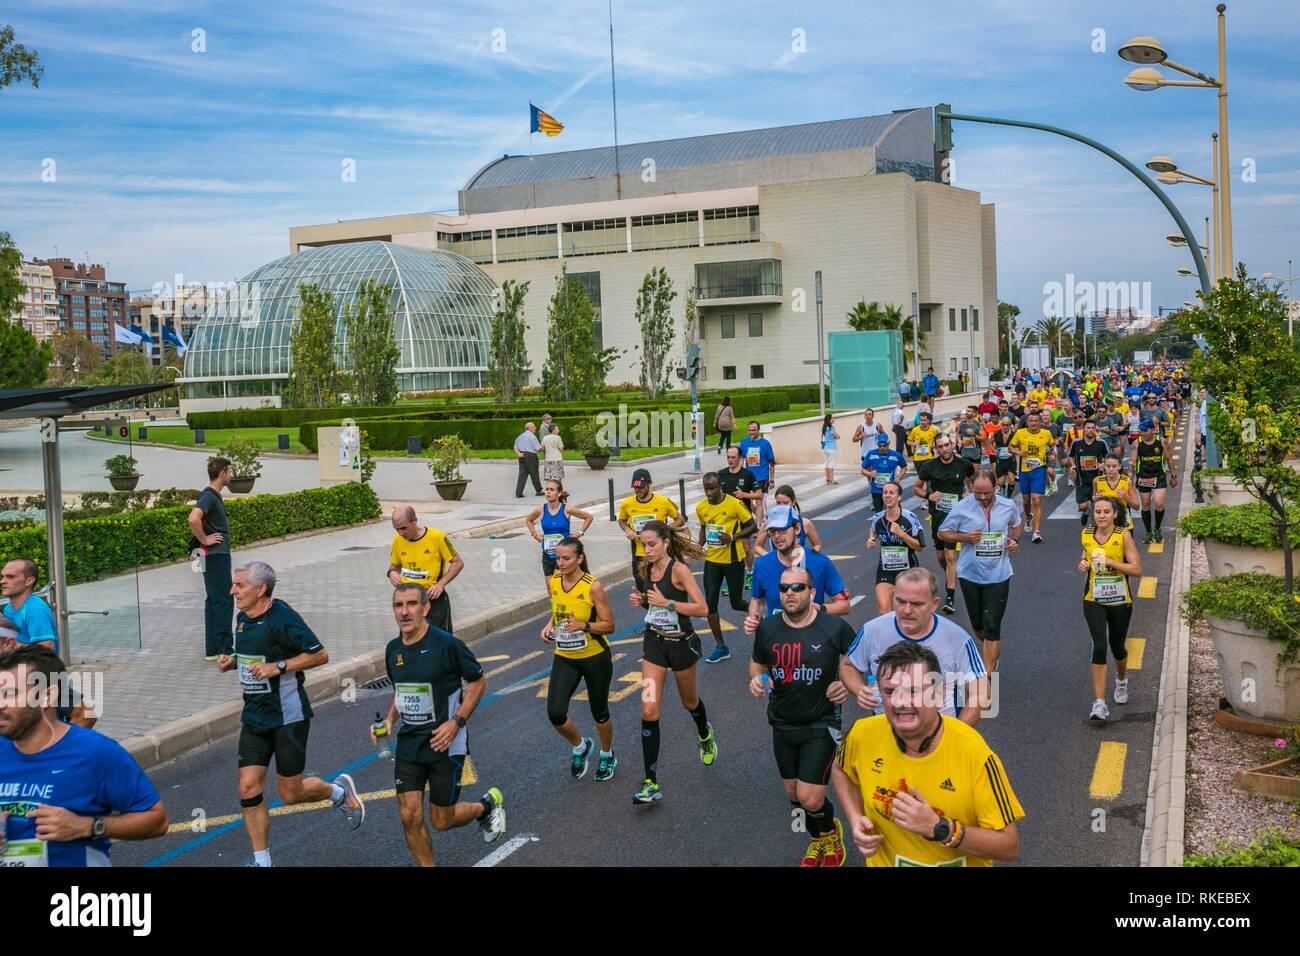 Marathon. Paseo de la Alameda. On the left, Palau de la Musica. Valencia. Comunidad Valenciana. Spain. - Stock Image